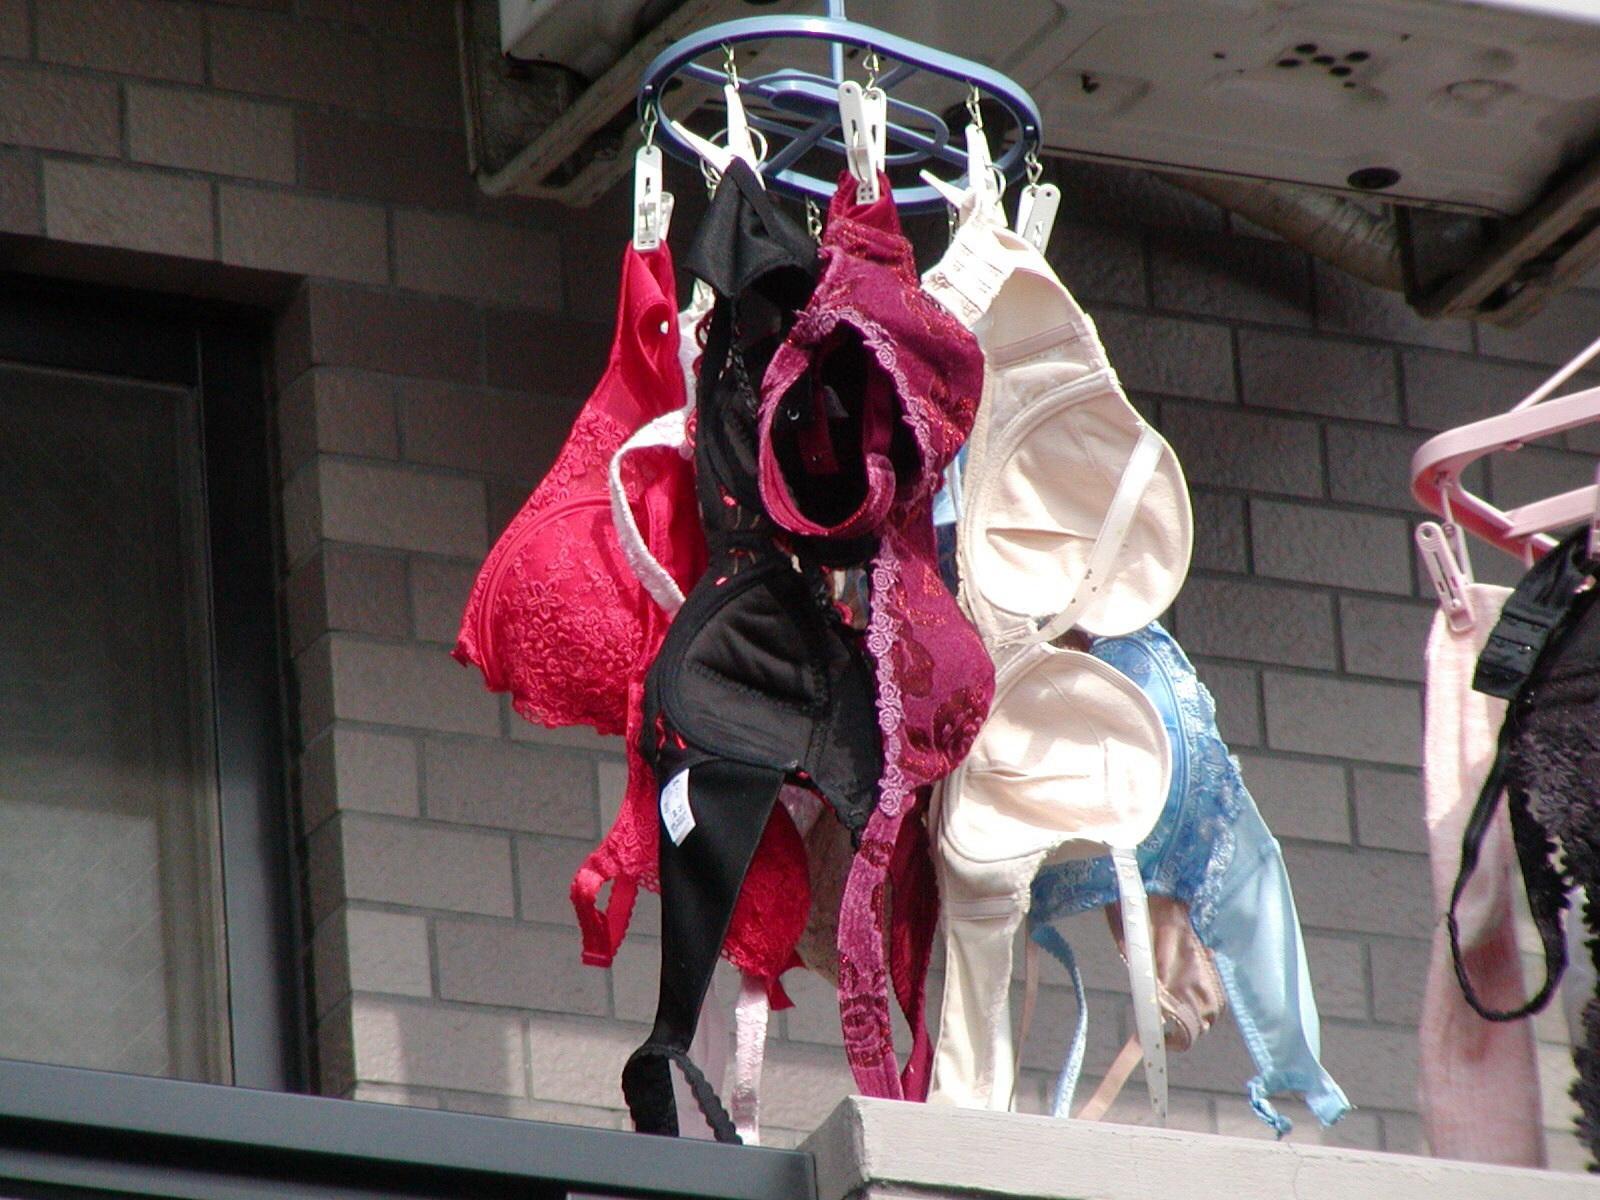 下着フェチ 洗濯物 下着姿 ベランダ 庭先 大量 下着 外干し 洗濯物 エロ画像【5】